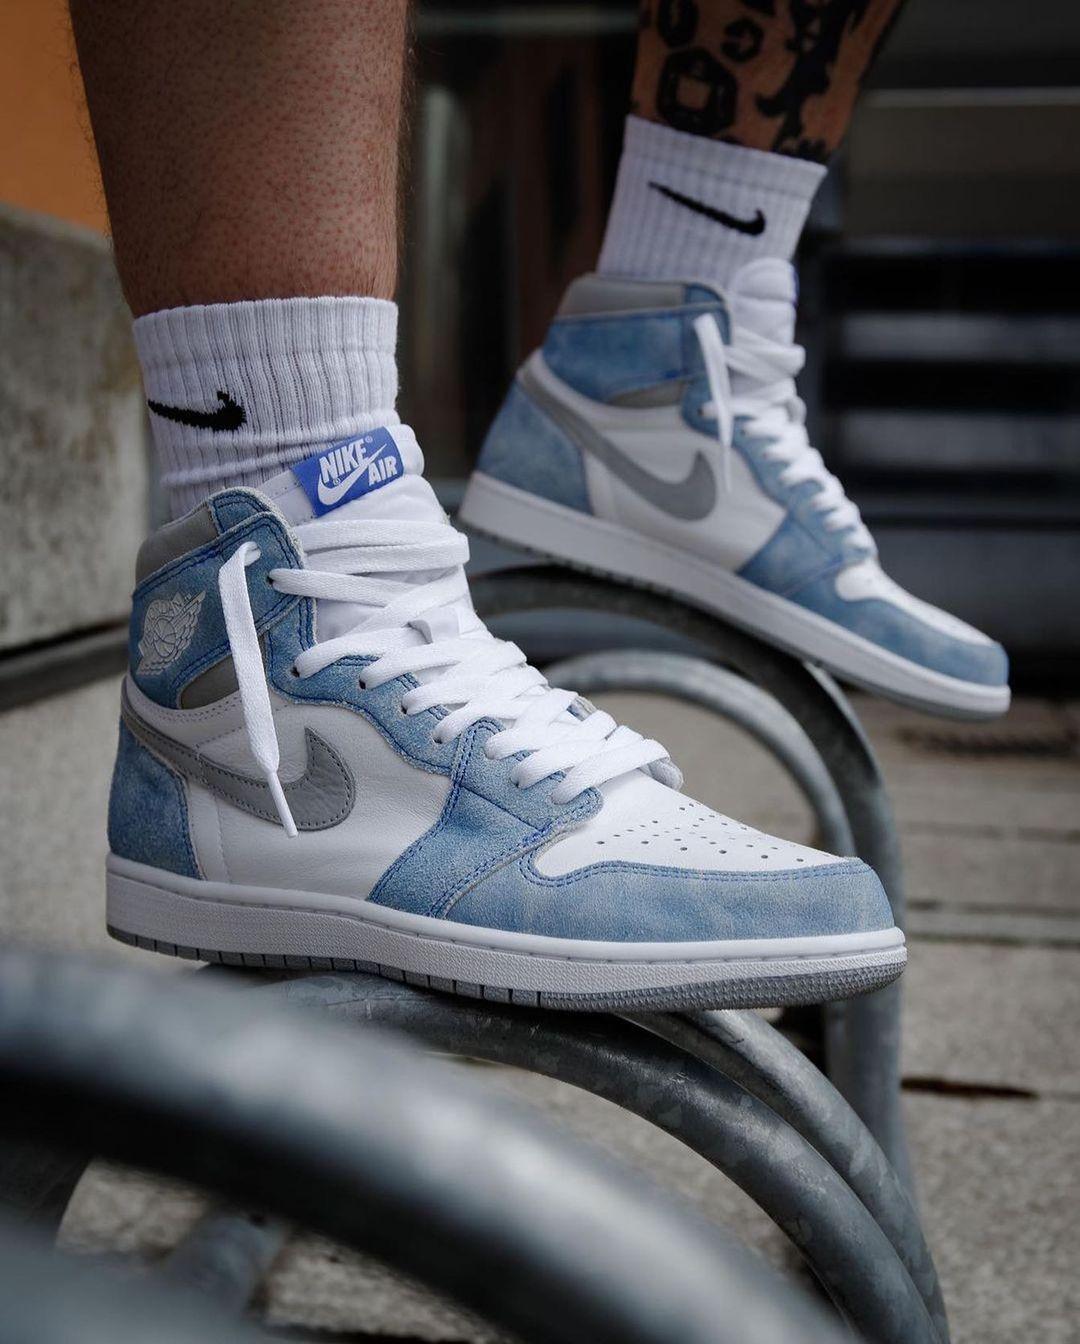 降价清单,AJ,Nike  联名 AJ 暴跌 5 千!元年芝加哥跌破原价!近期不少狠鞋偷偷降价!